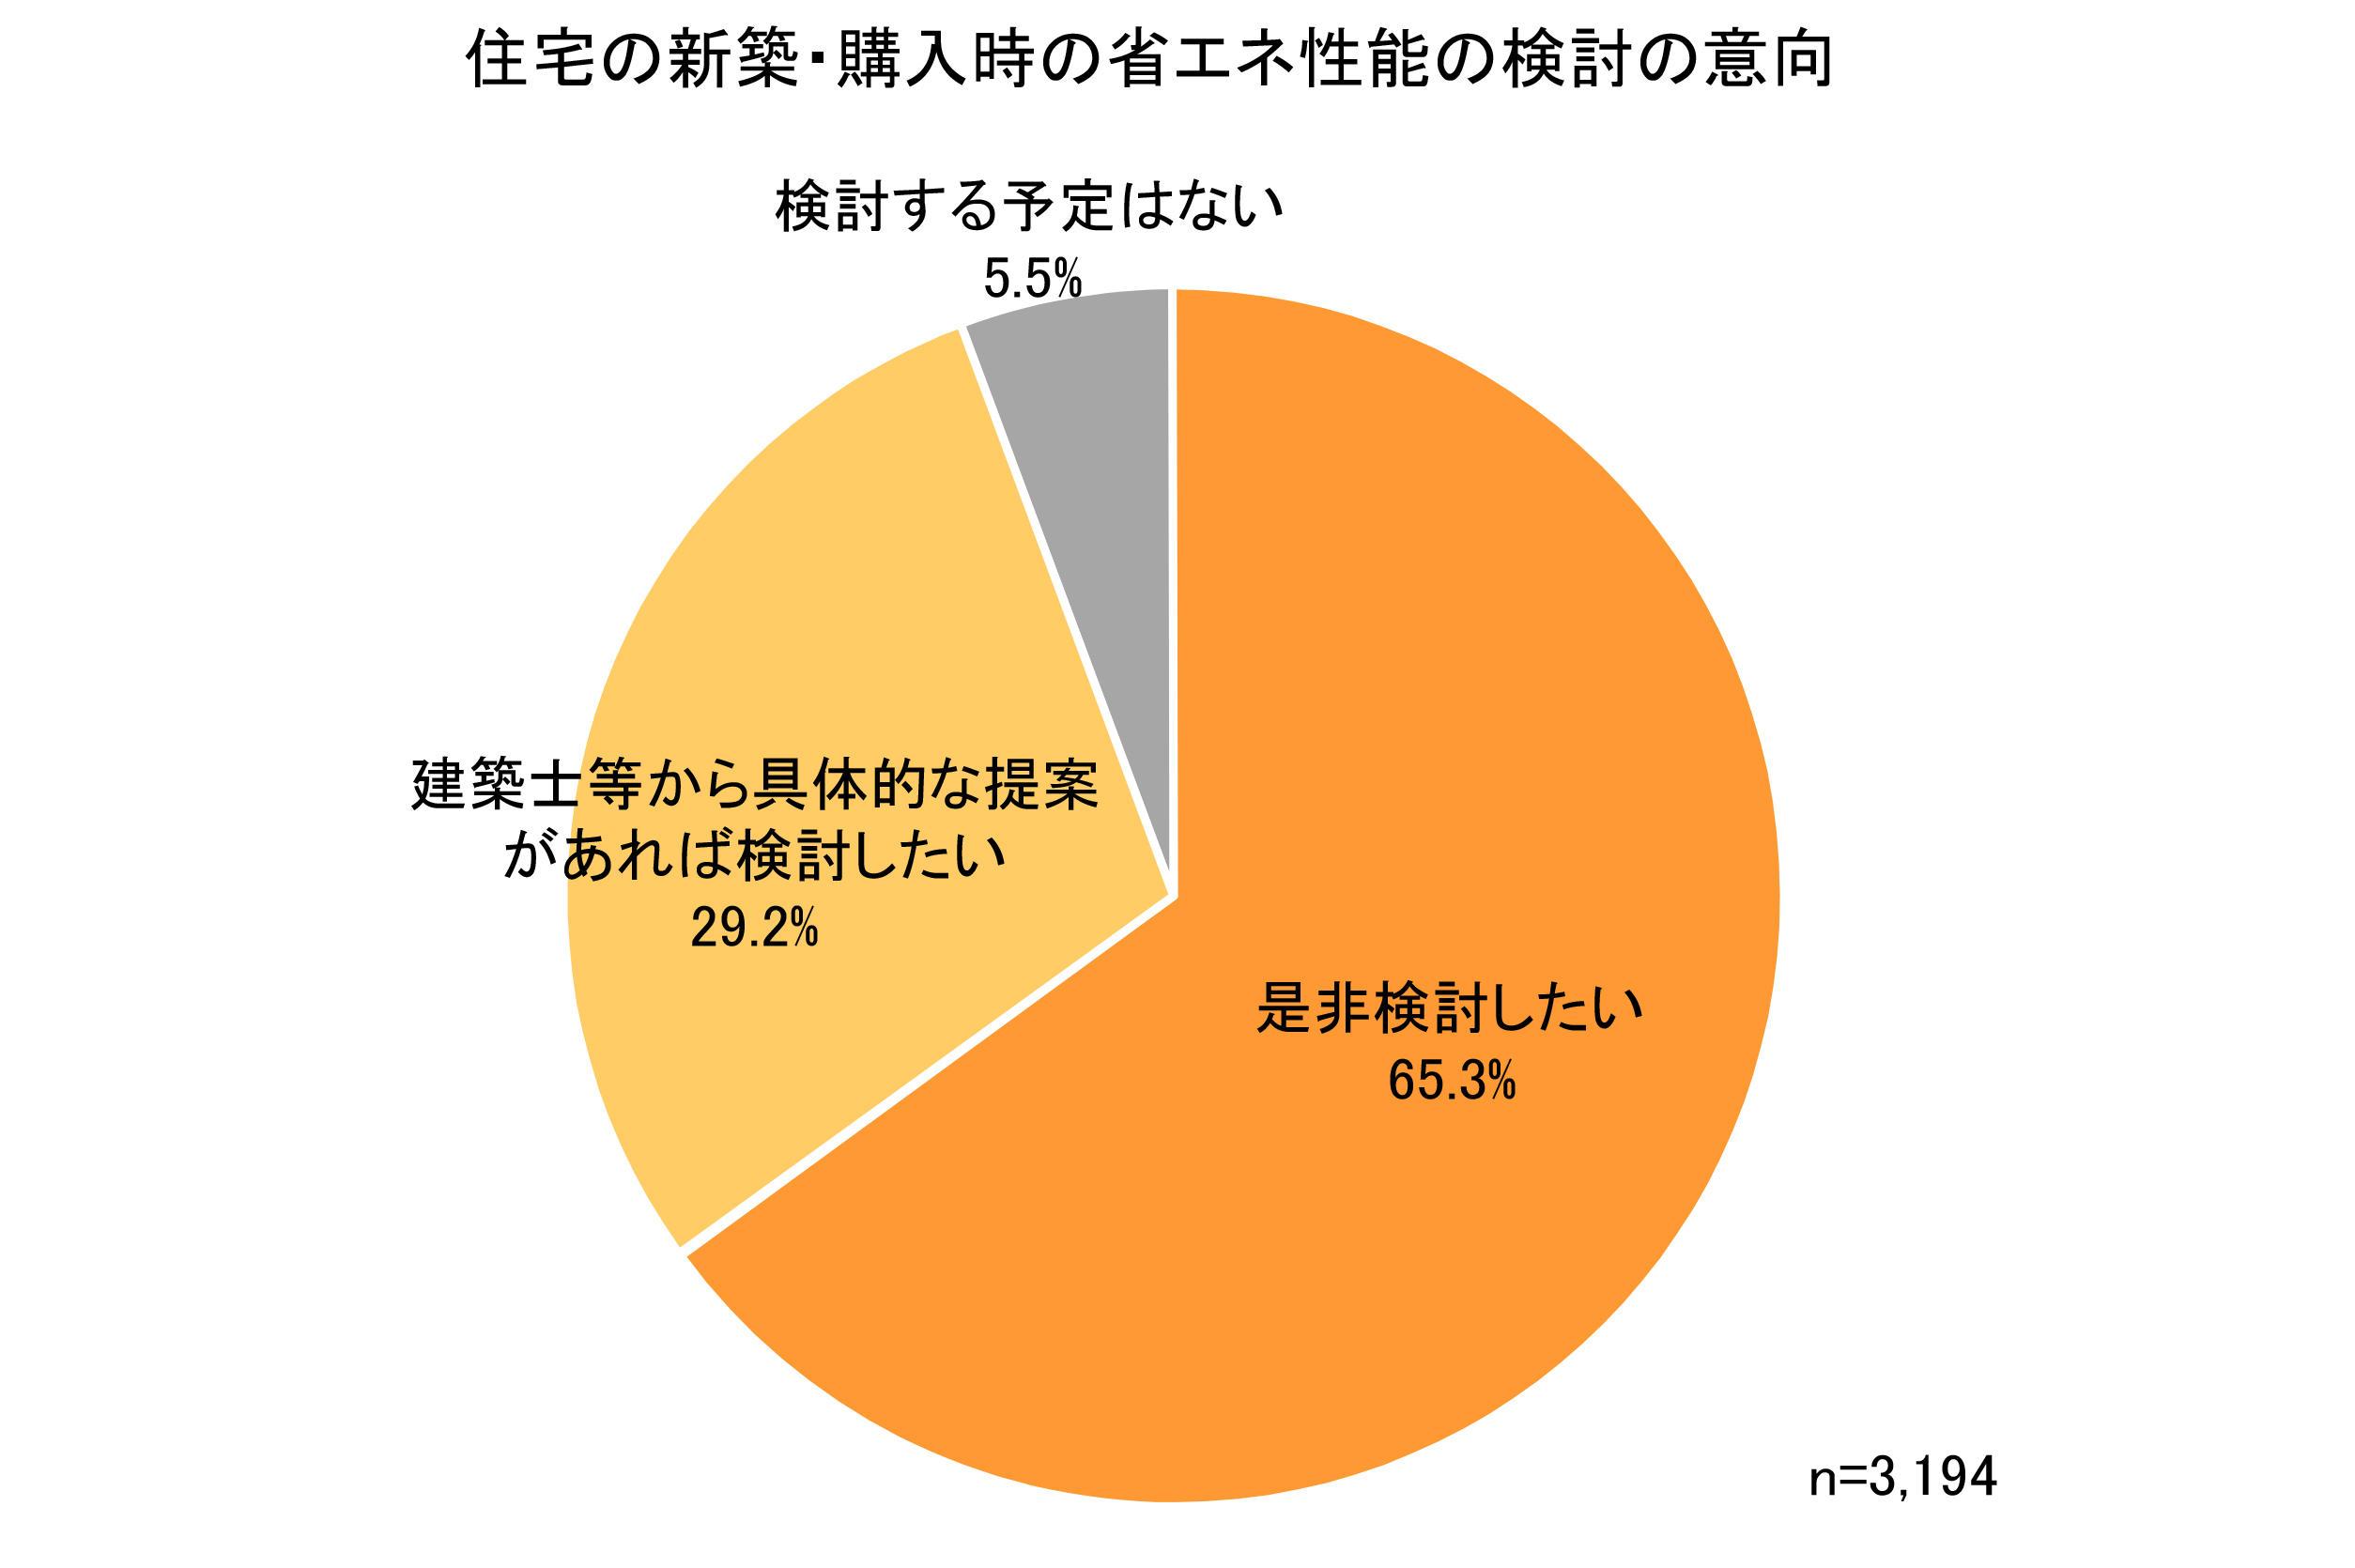 kenchikucolumn_1901_2.jpg